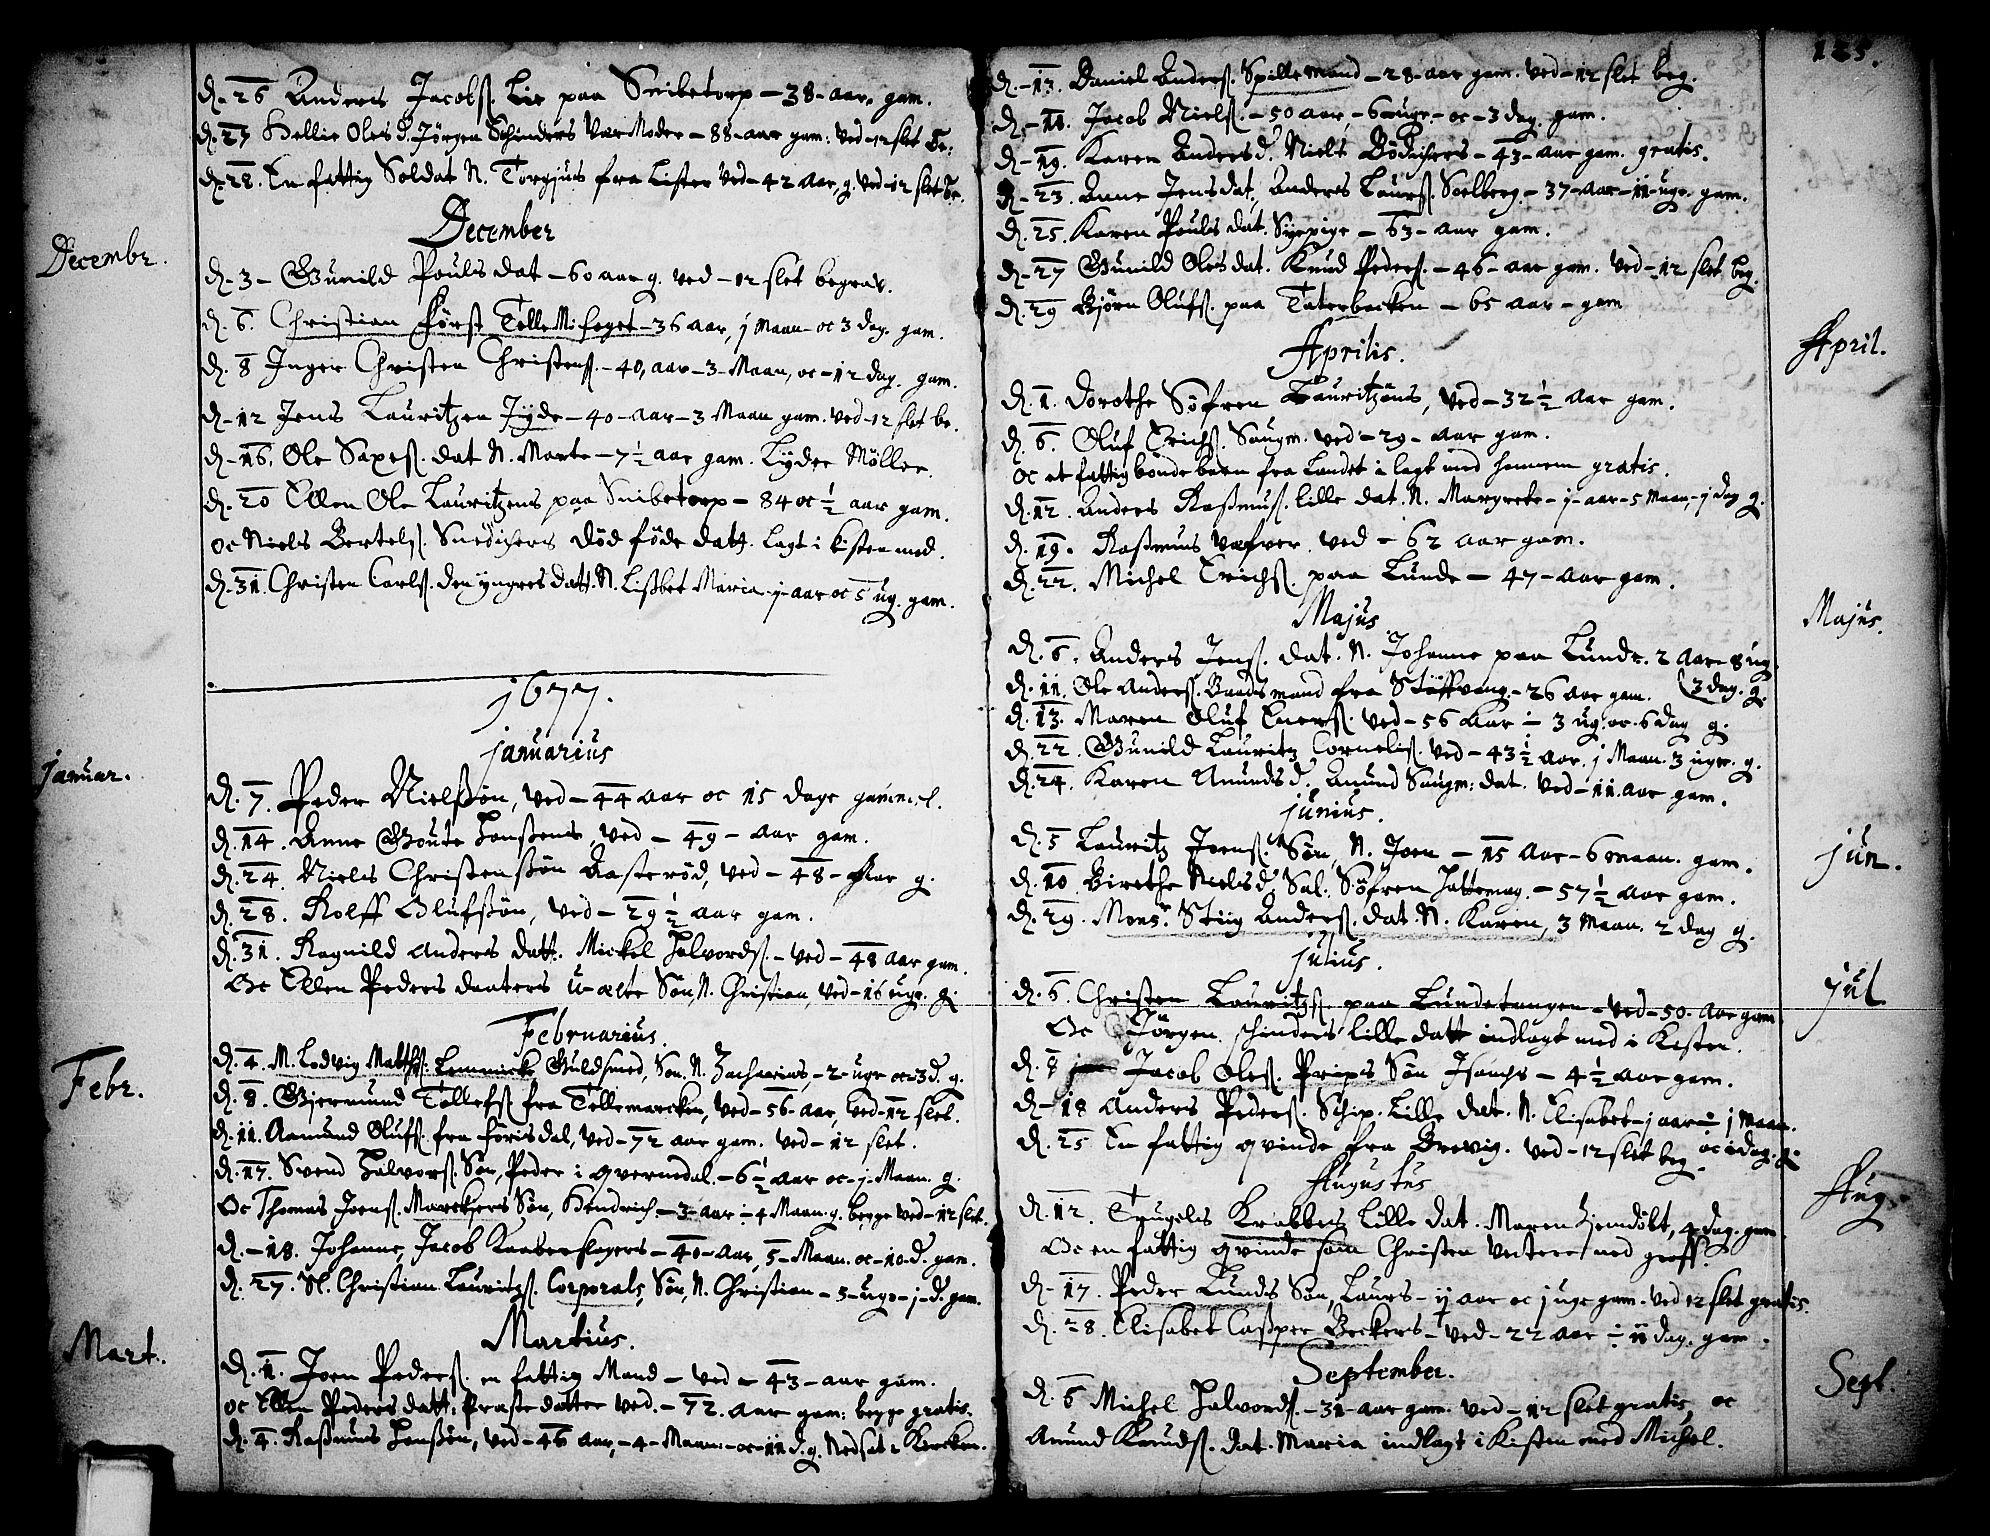 SAKO, Skien kirkebøker, F/Fa/L0001: Ministerialbok nr. 1, 1659-1679, s. 125